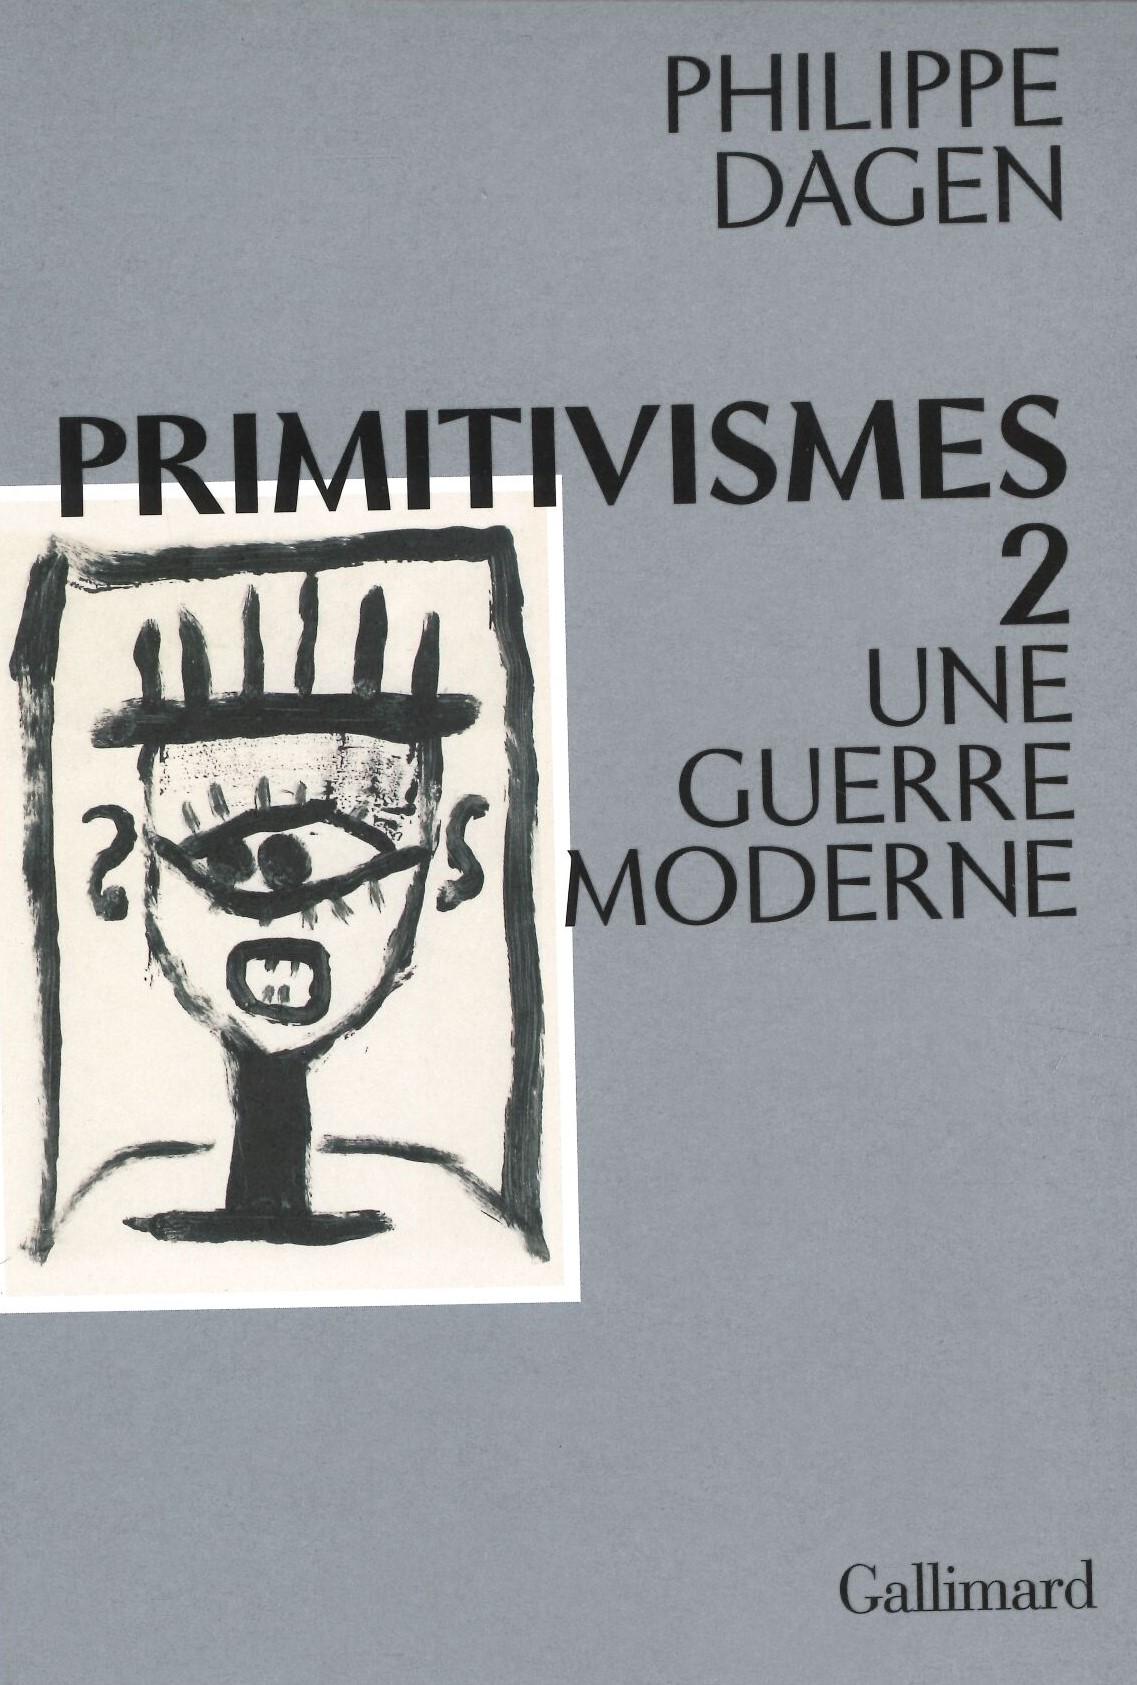 primitivismes_guerre_moderne2.jpg